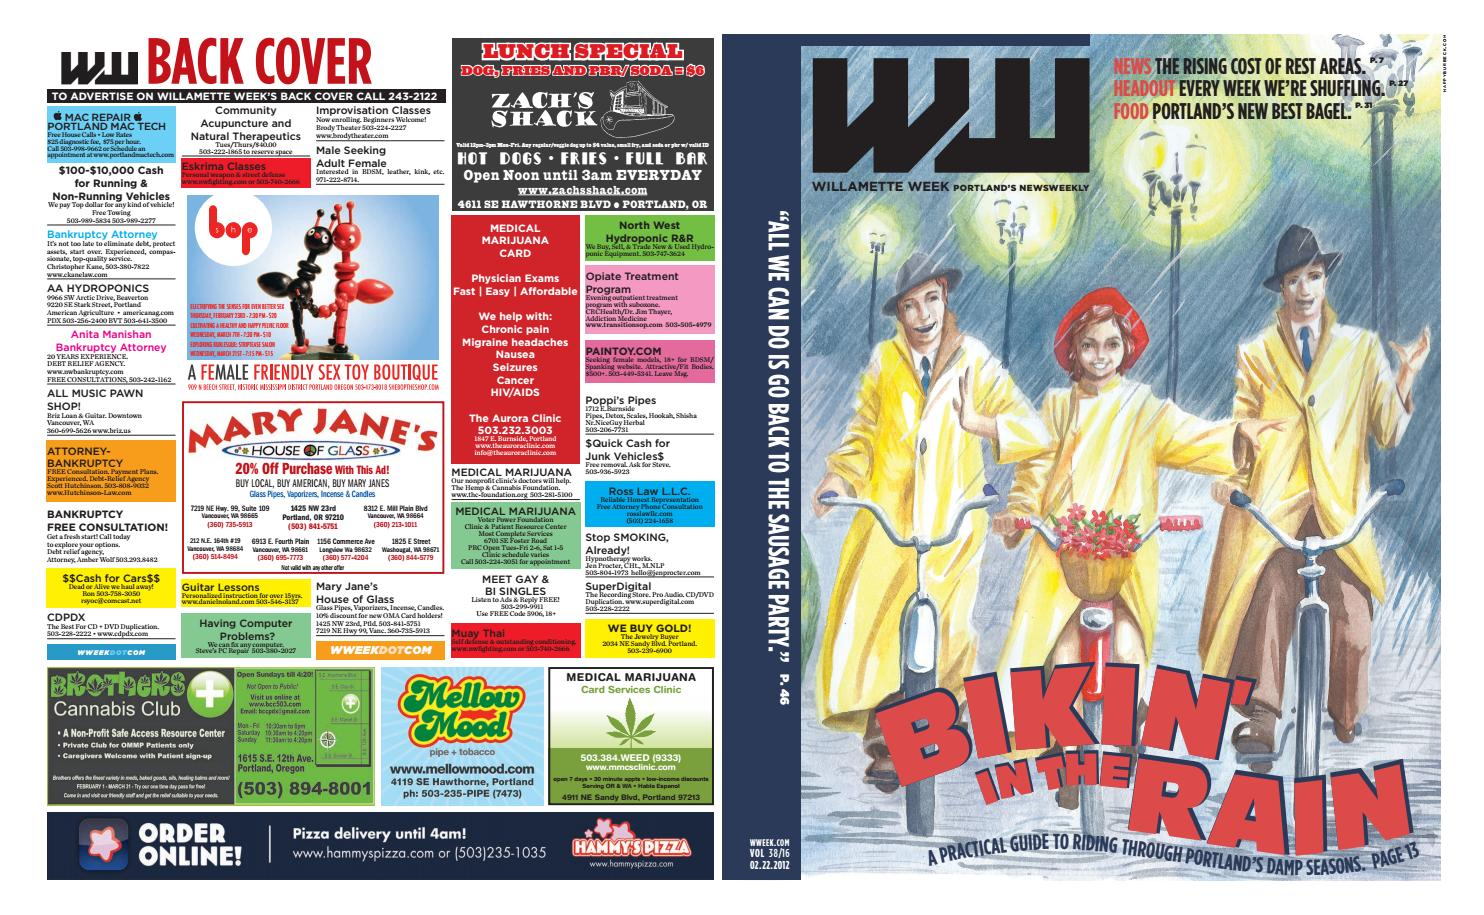 38 16 willamette week, february 22, 2012 by Willamette Week